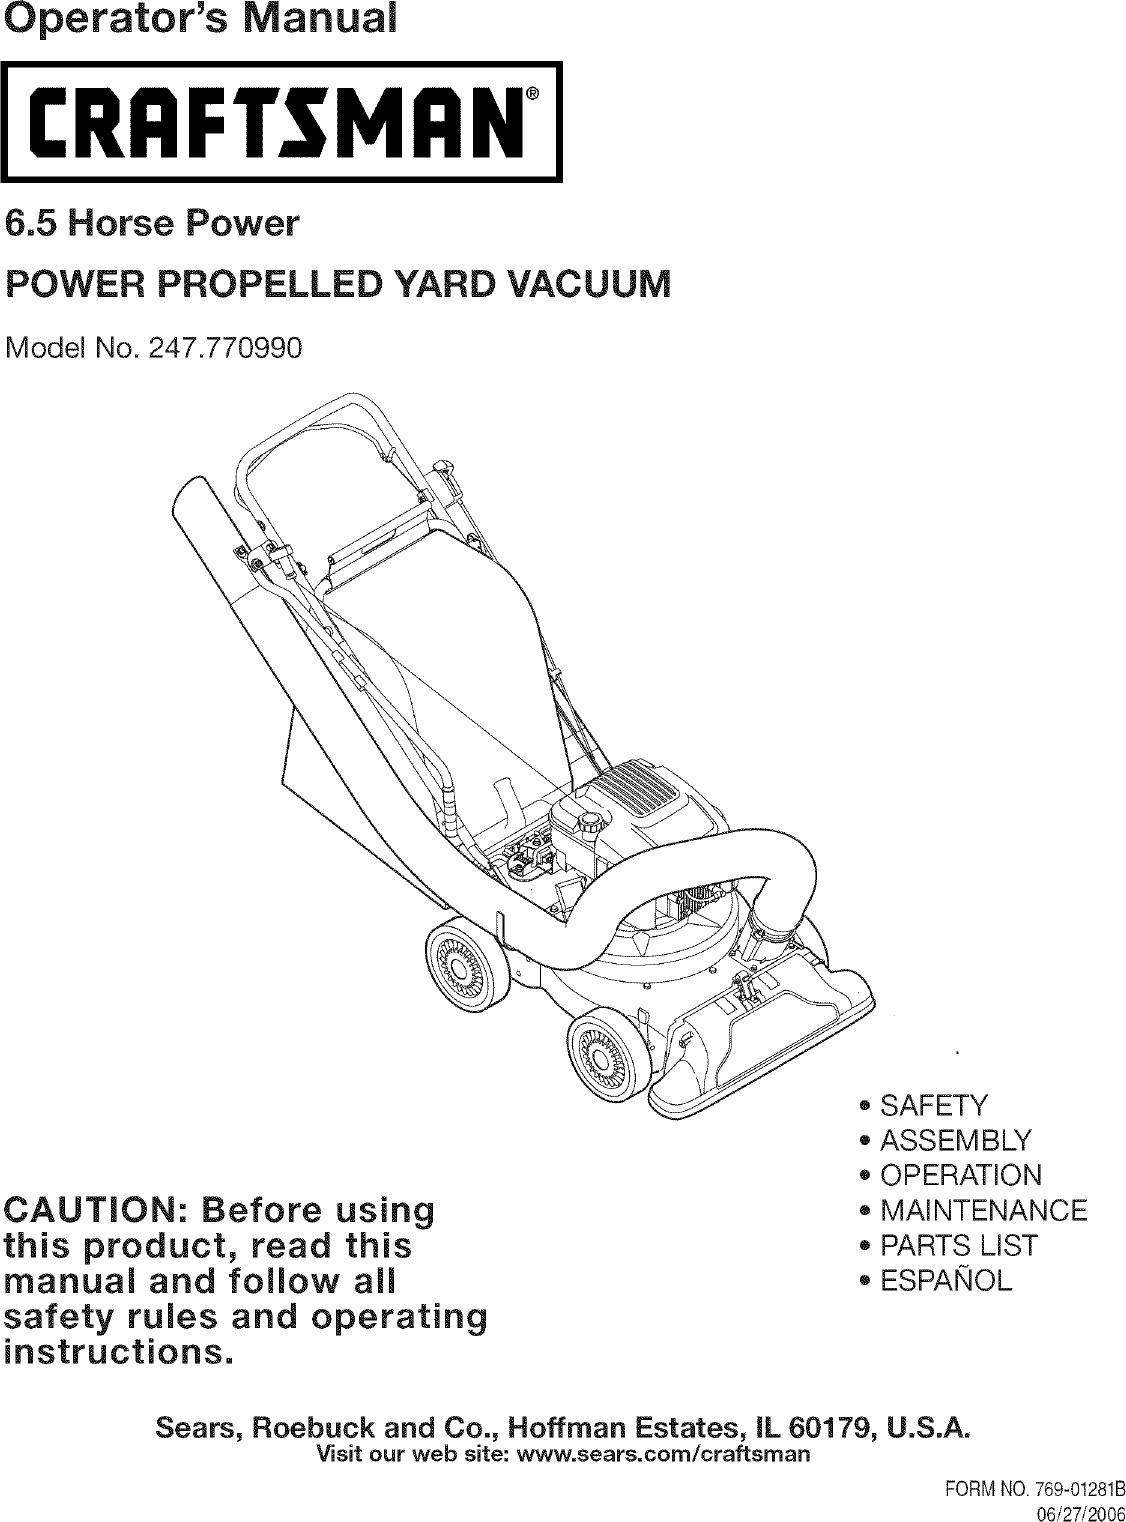 craftsman 247770990 user manual yard vacuum manuals and guides l0712129 rh usermanual wiki Craftsman Blower Vac Model 358 797290 Manual Leaf and Lawn Vacuum Craftsman